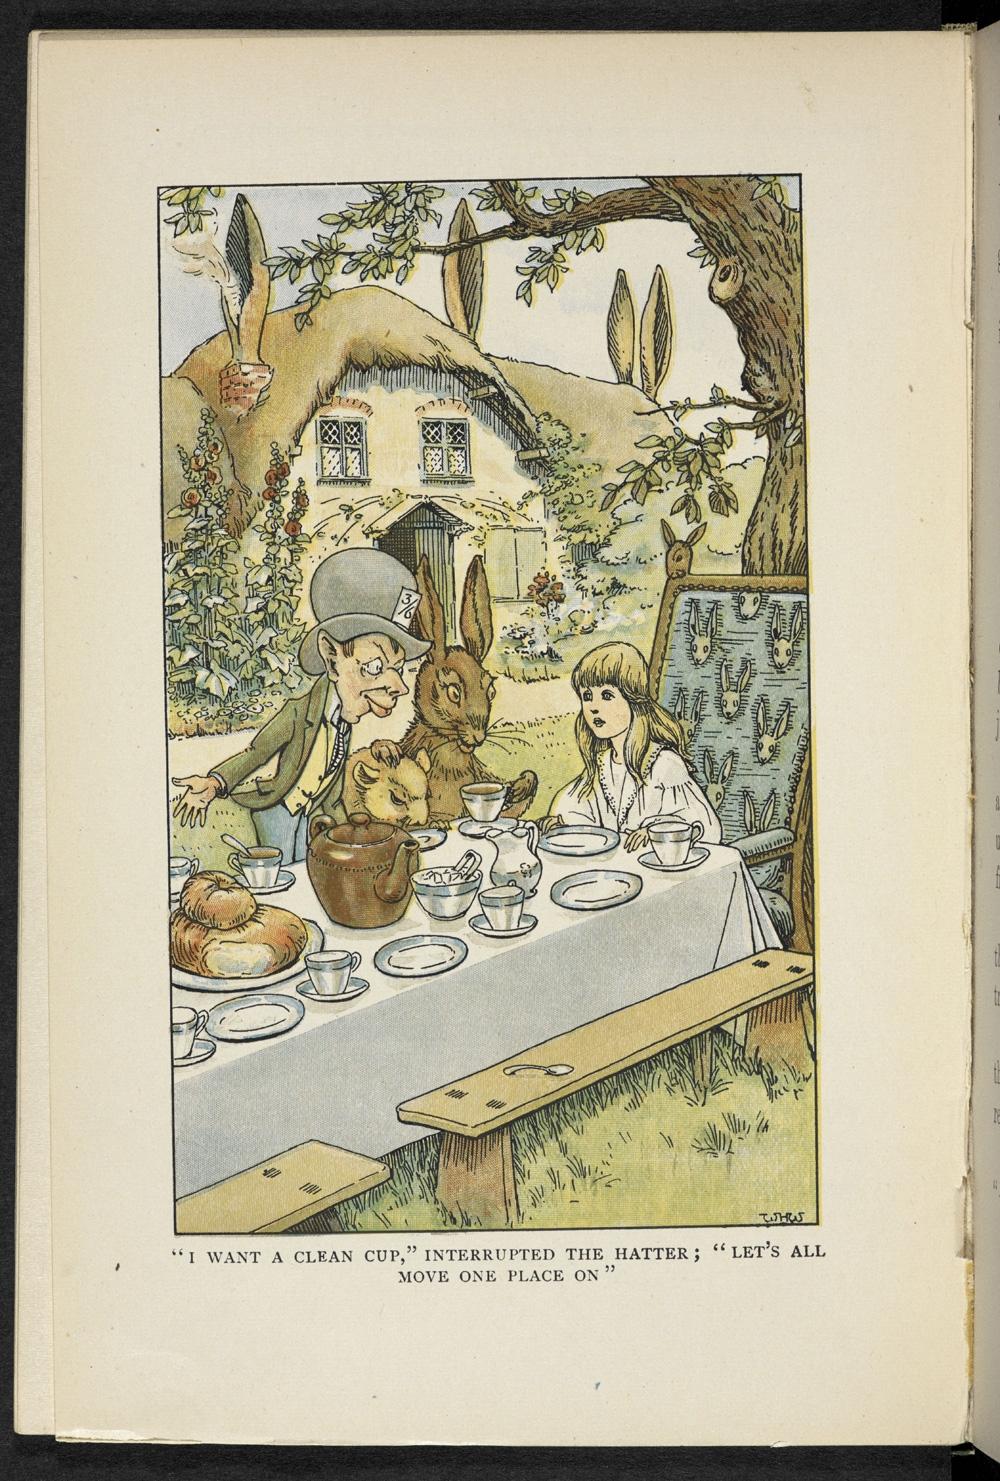 ilustracion alicia en el pais de las maravillas 5